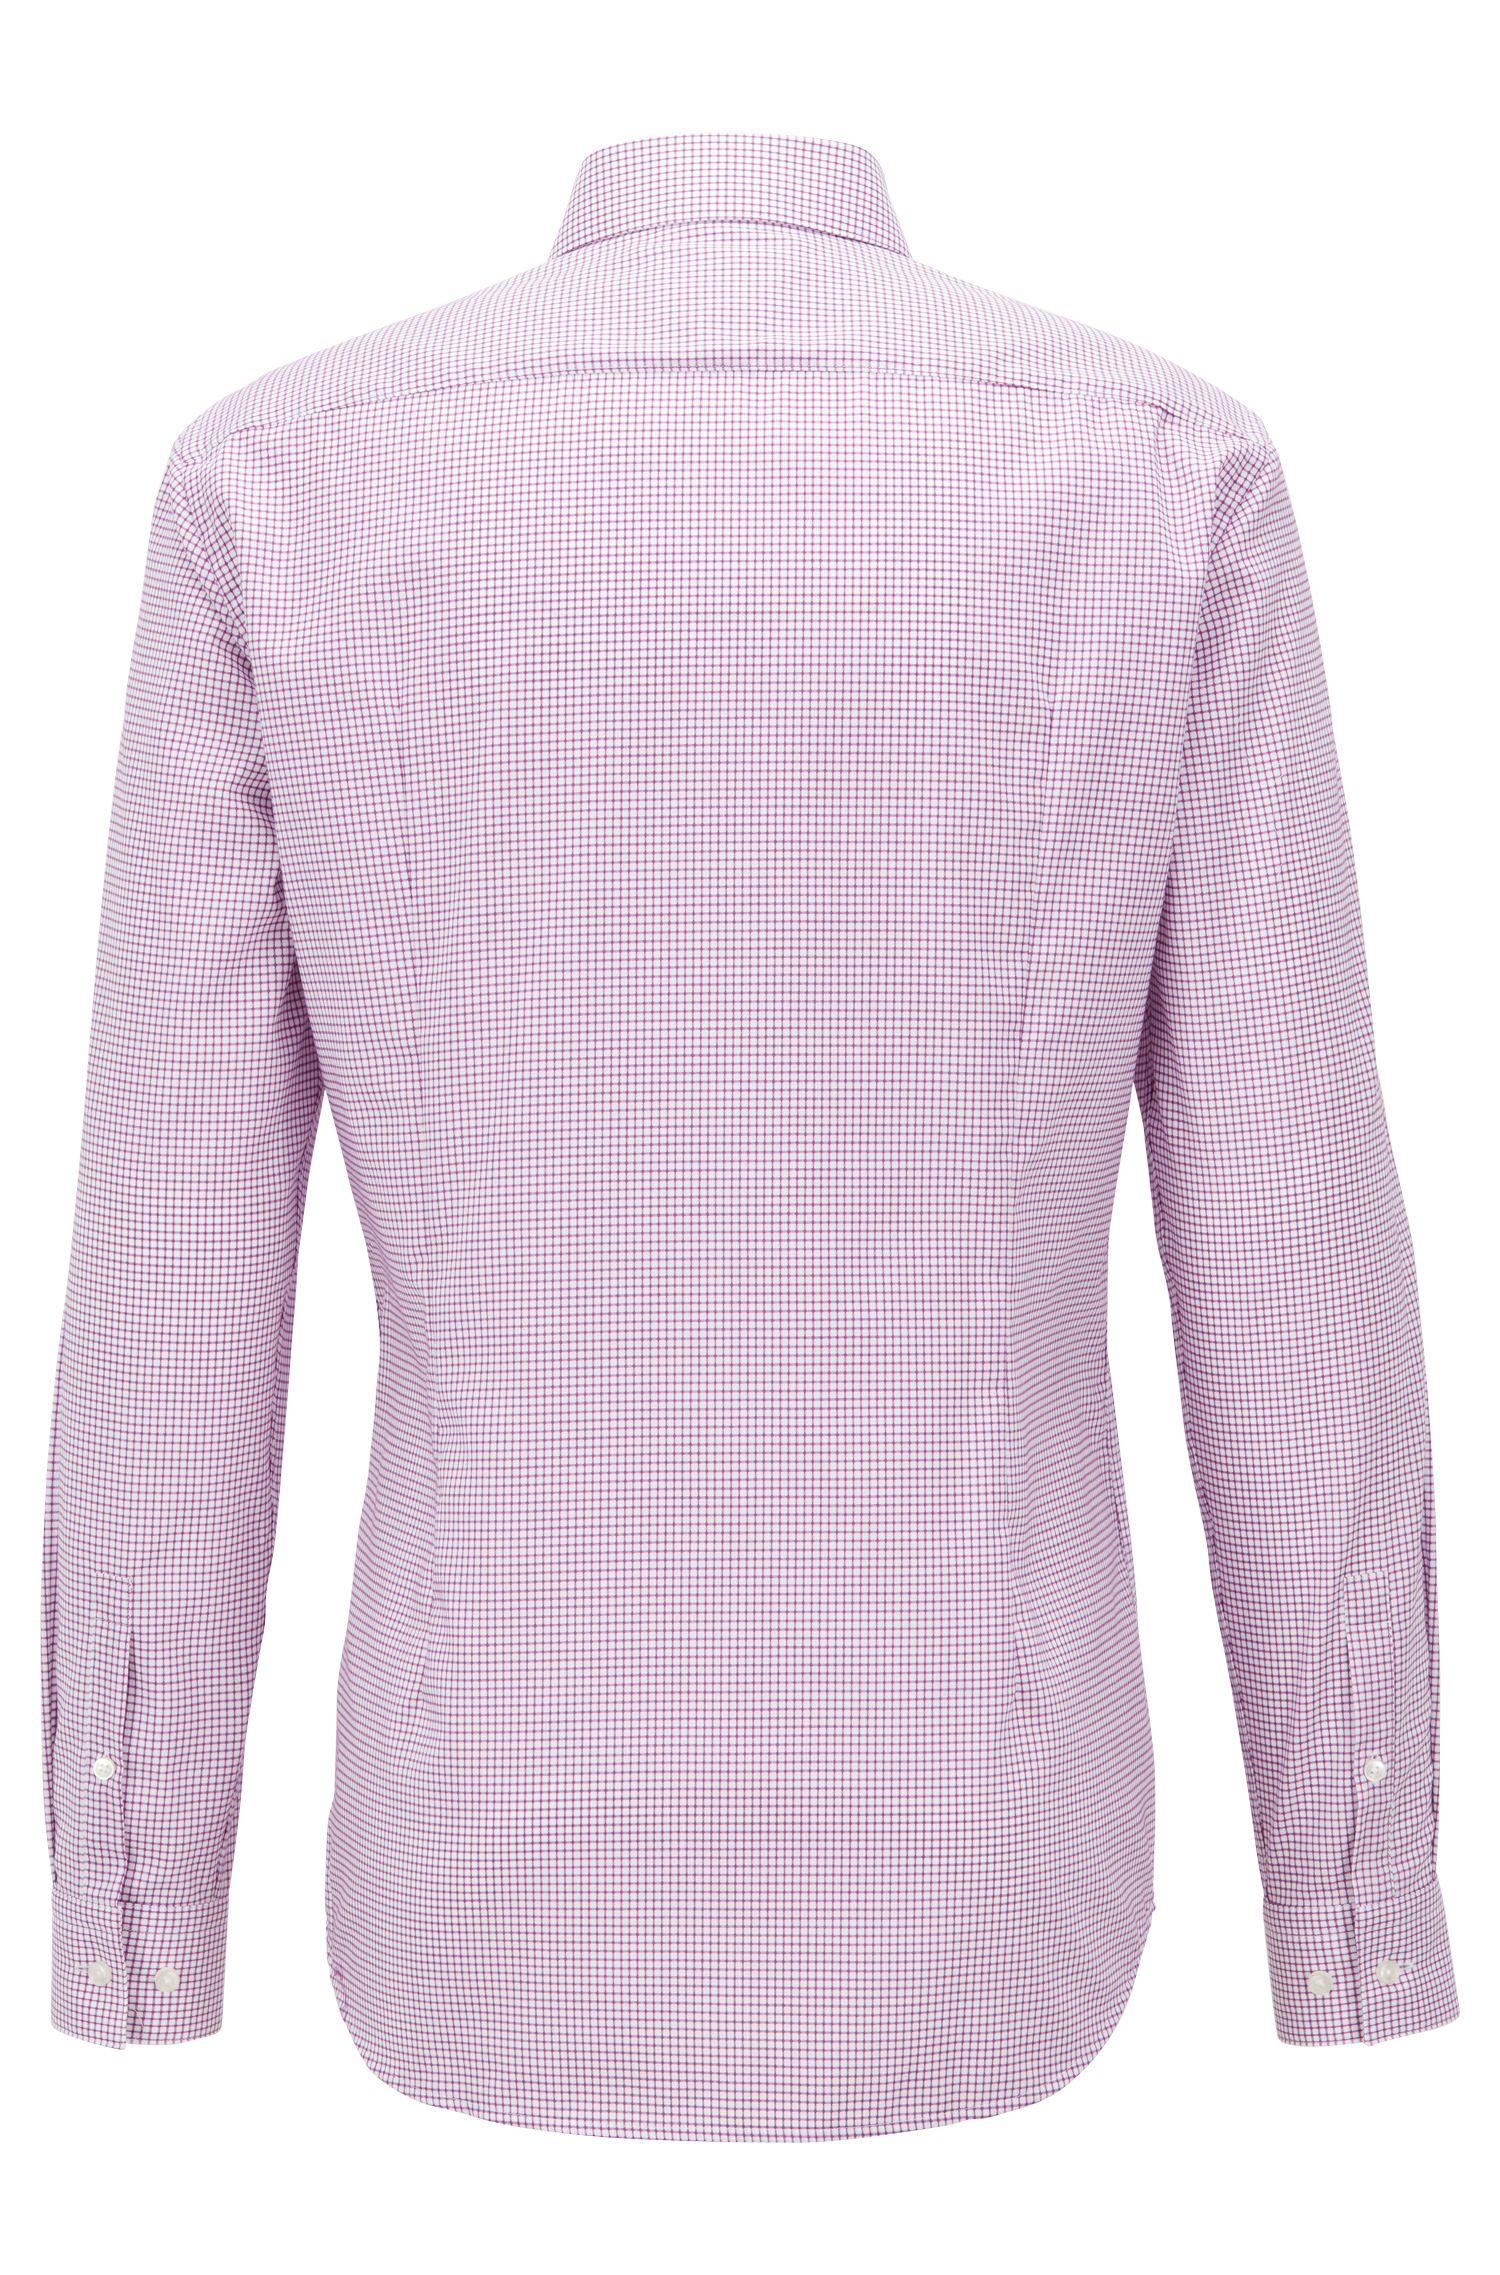 Kariertes Slim-Fit Hemd aus bügelleichter Baumwoll-Popeline, Dunkelrosa